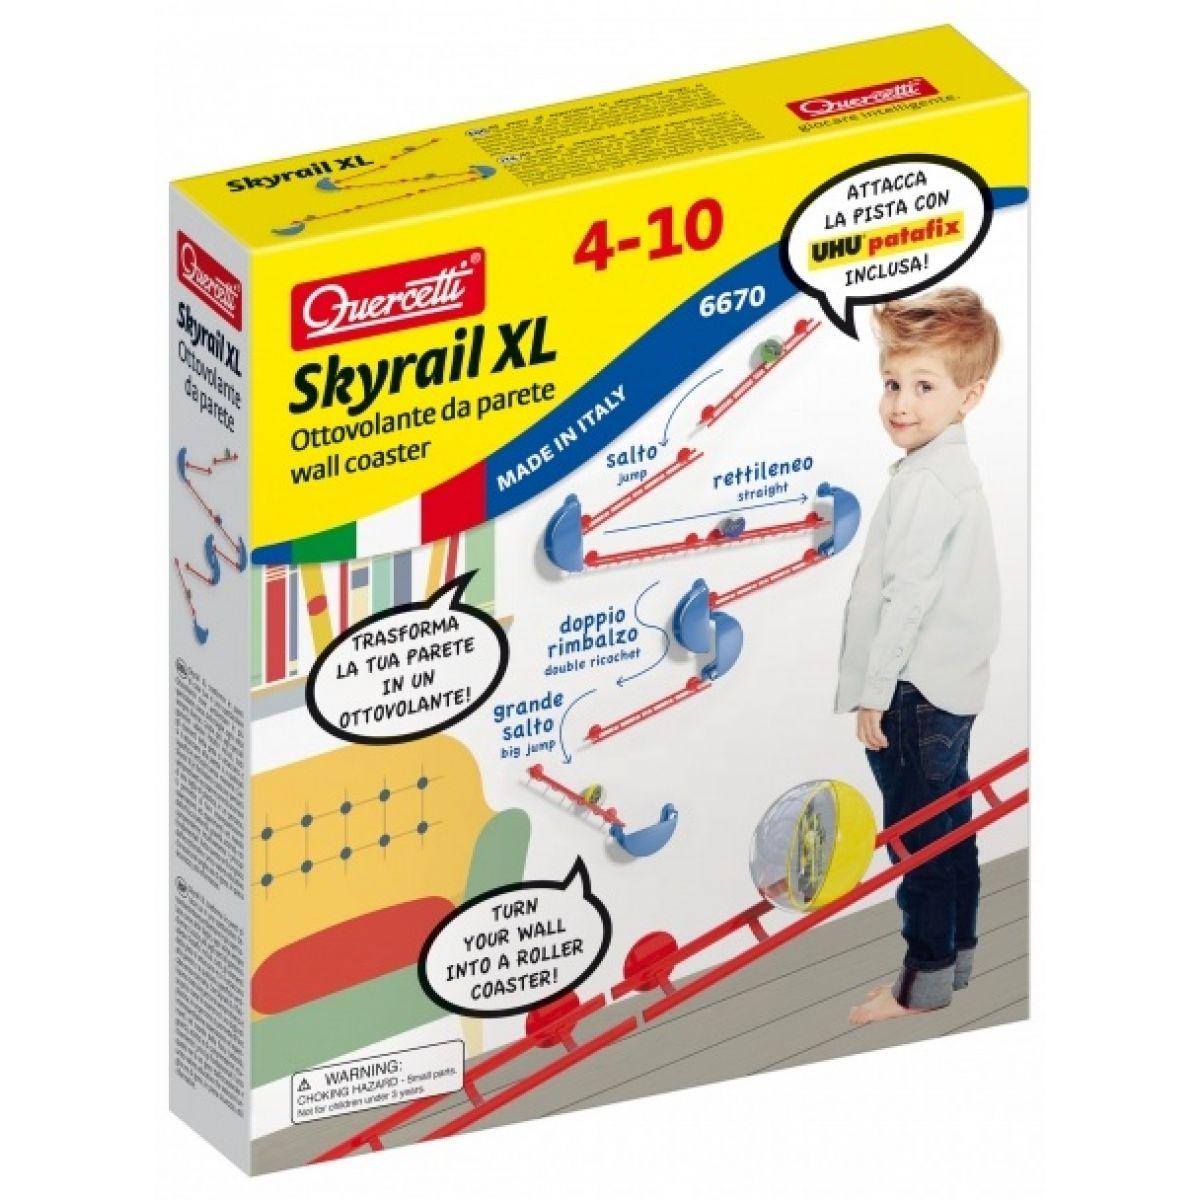 Quercetti Skyrail XL